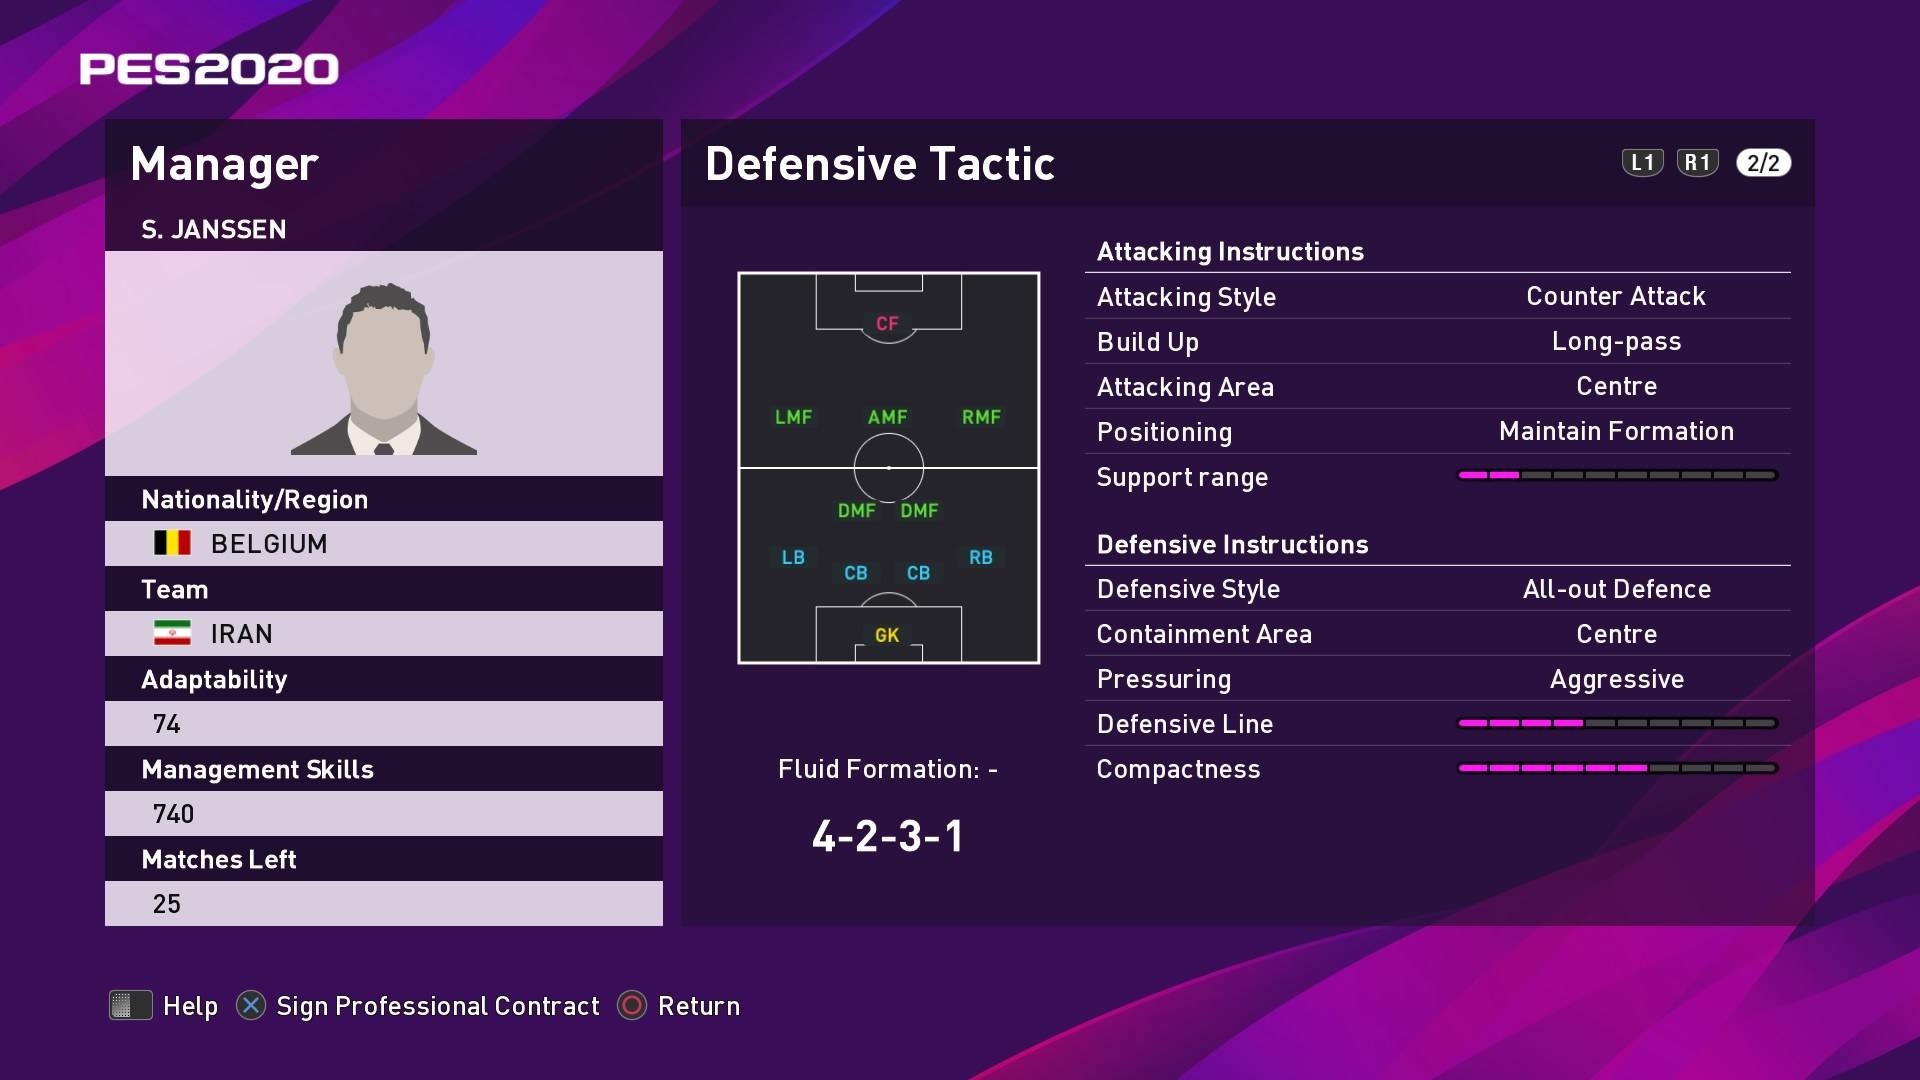 S. Janssen (Marc Wilmots) Defensive Tactic in PES 2020 myClub